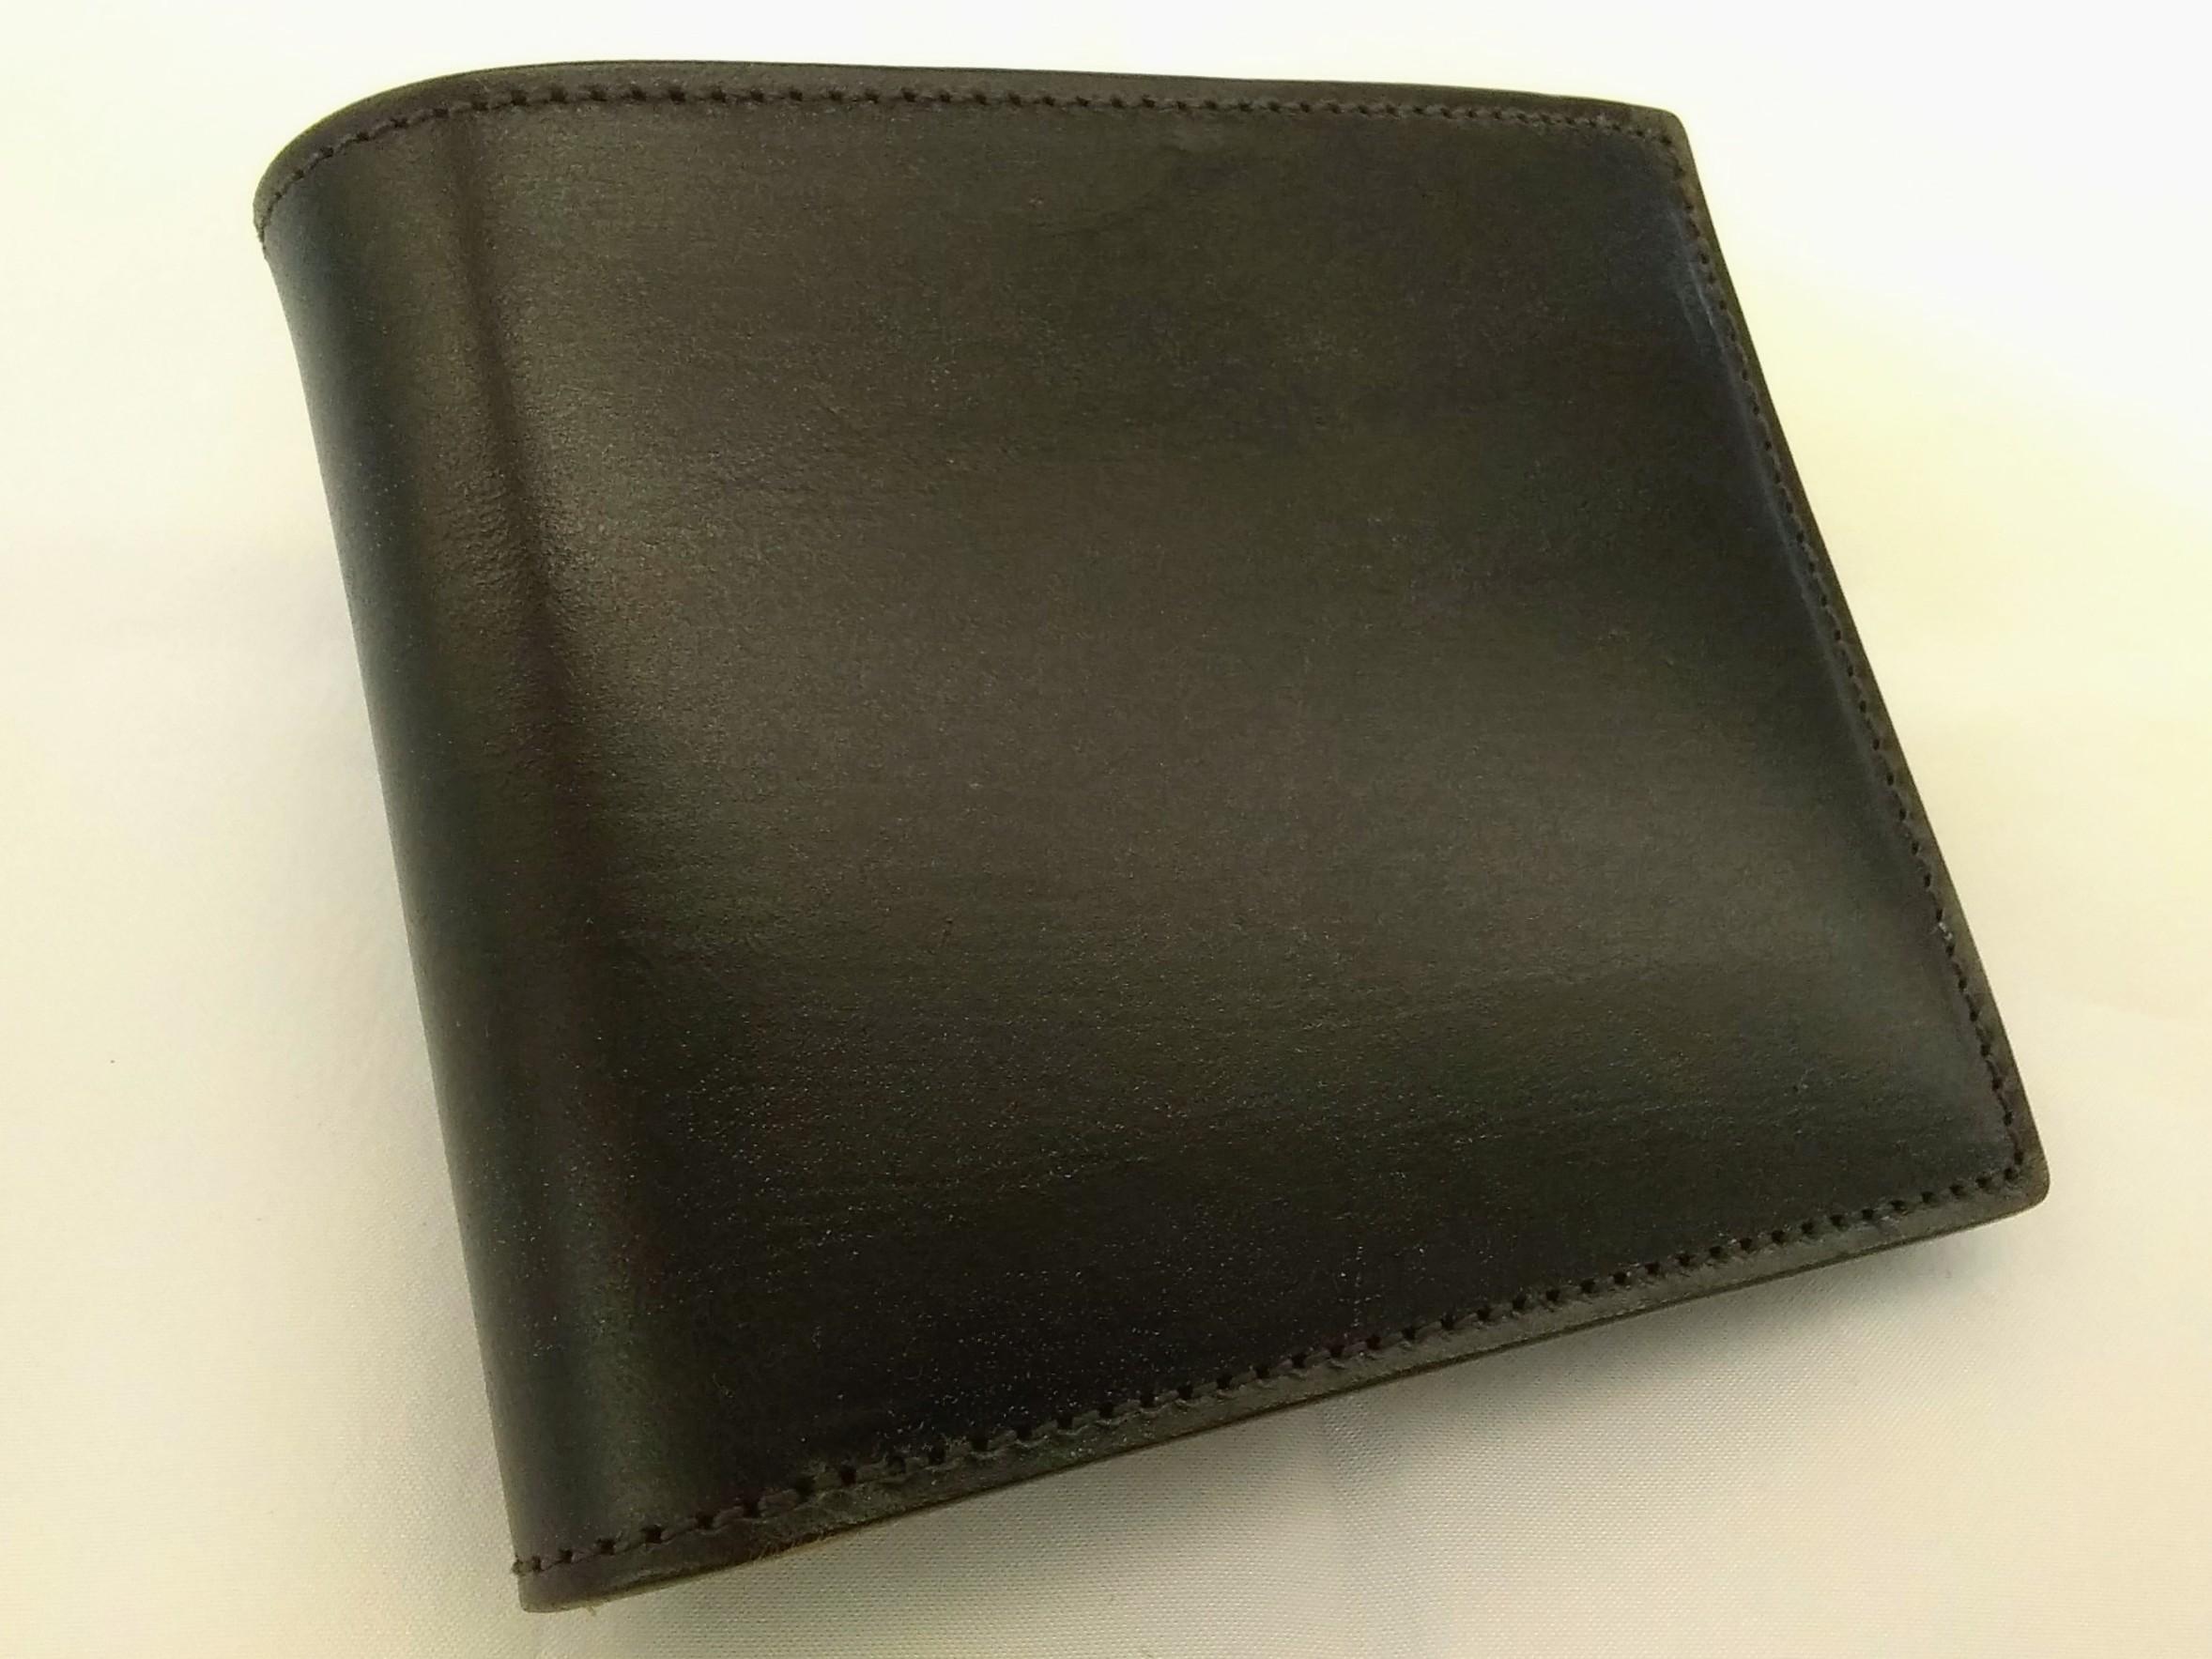 二つ折り財布【ブラウン】【メンズ】|PORTER【ポーター】【箱なし】